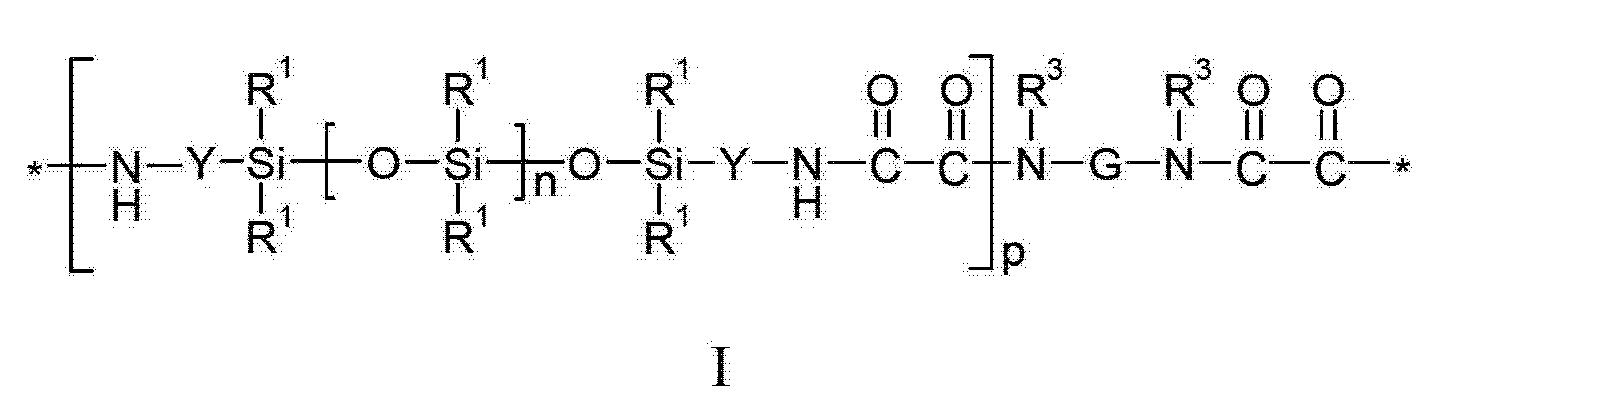 Figure CN102754003BD00201